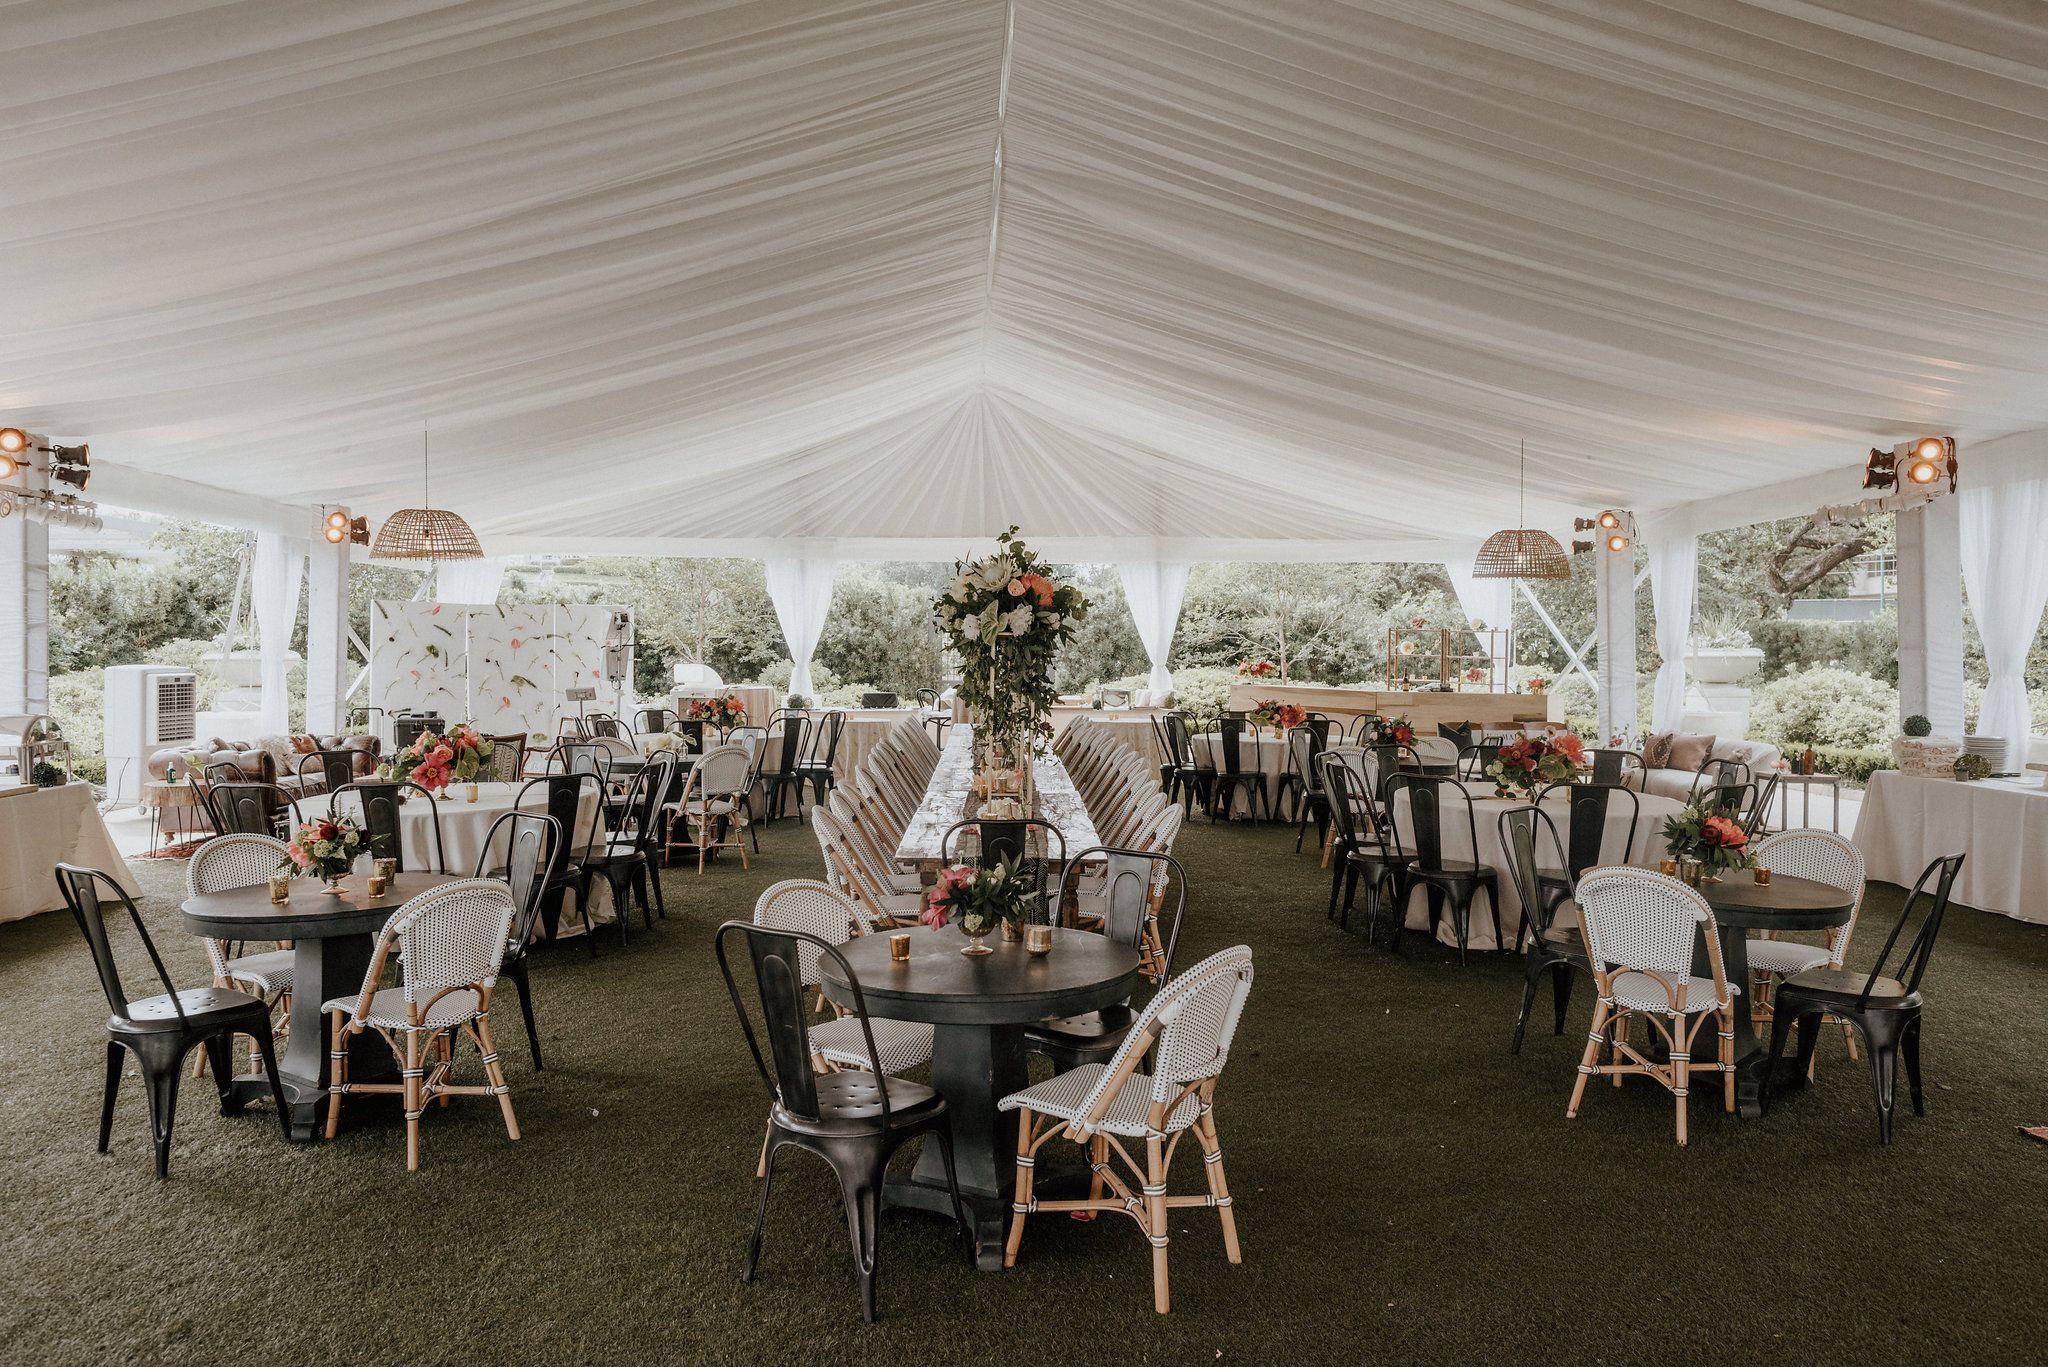 Mcgovern Centennial Gardens Tent Reception Wedding